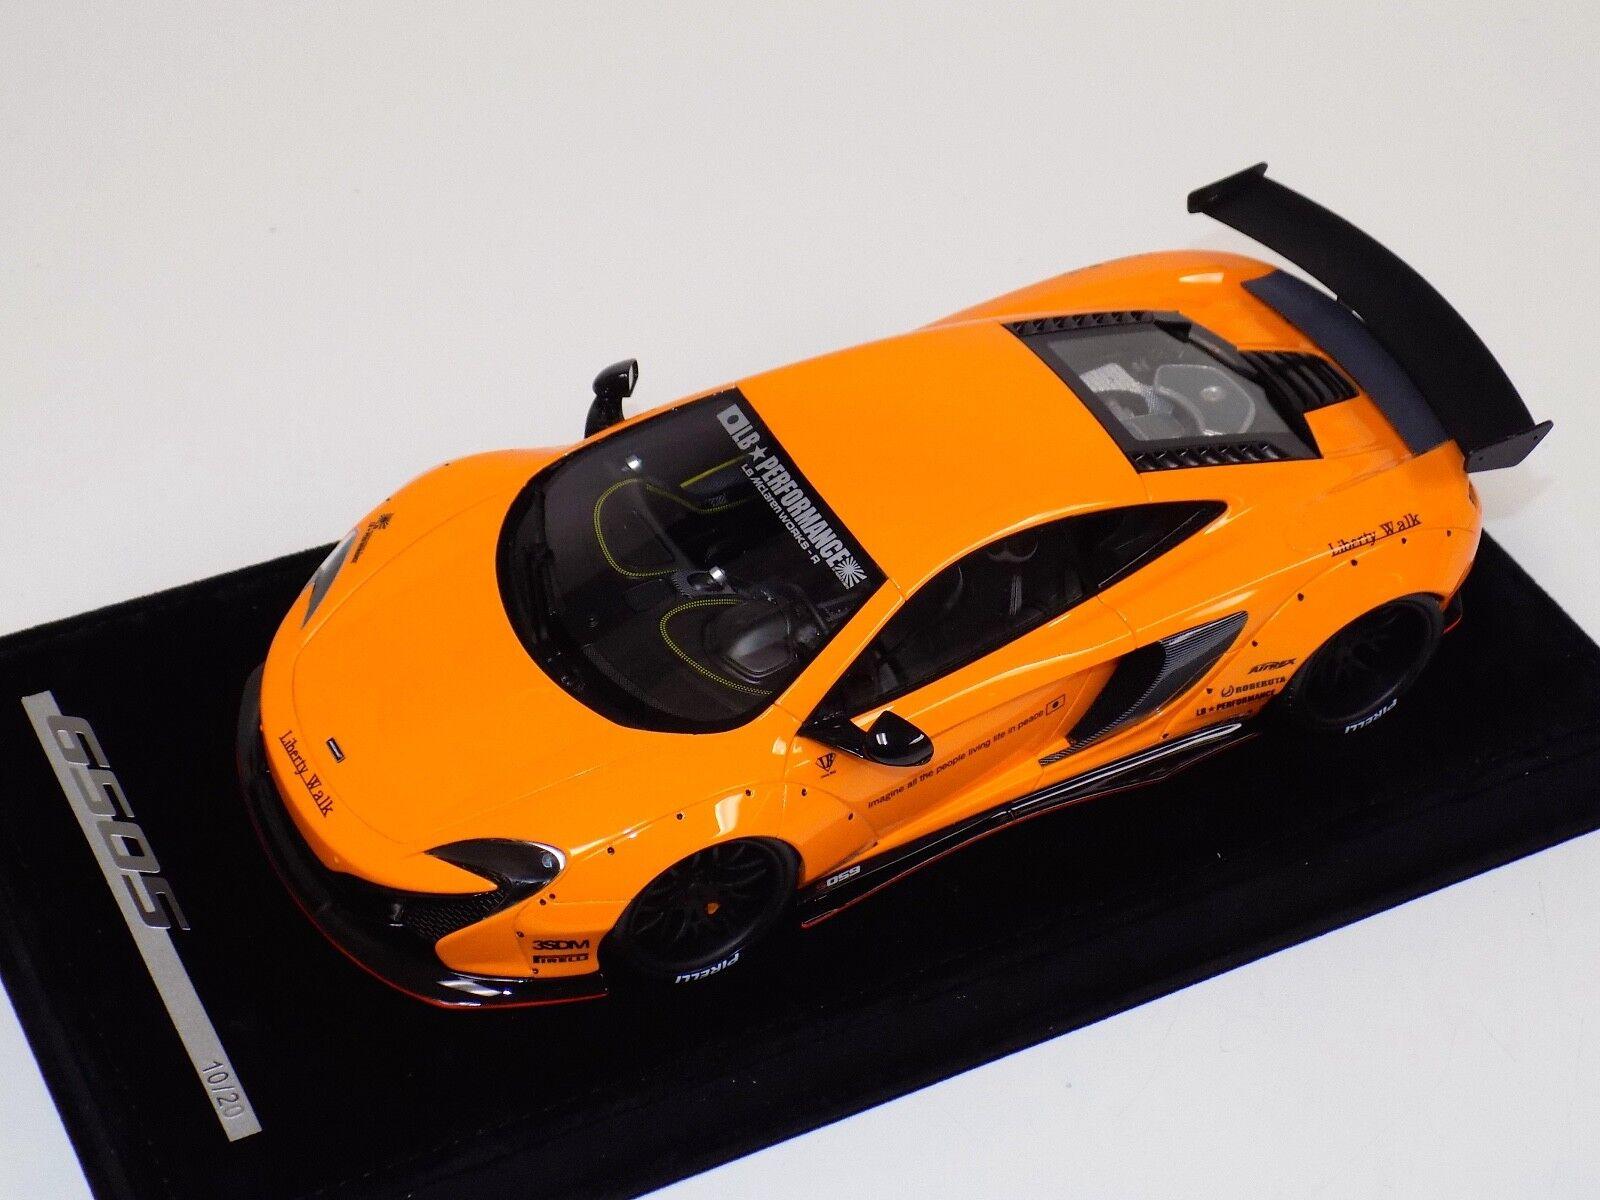 1/18 AB Models McLaren 650 S LB Performance Liberty walk arancia with Decals